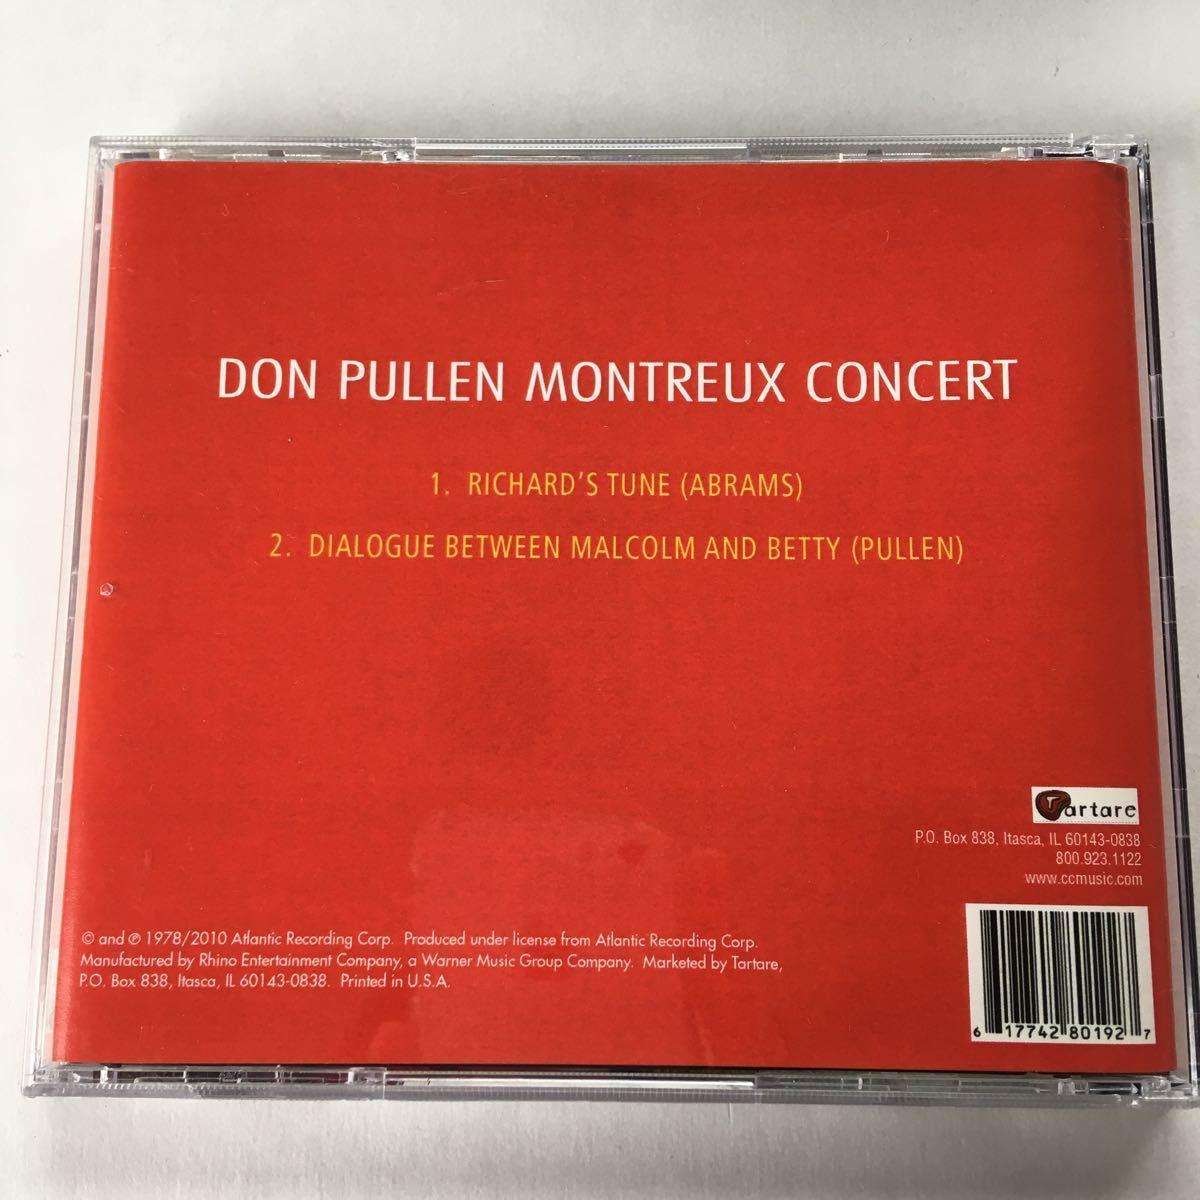 【送料無料】 Don Pullen Montreux Concert ドン・ピューレン モントルー・コンサート CD_画像2